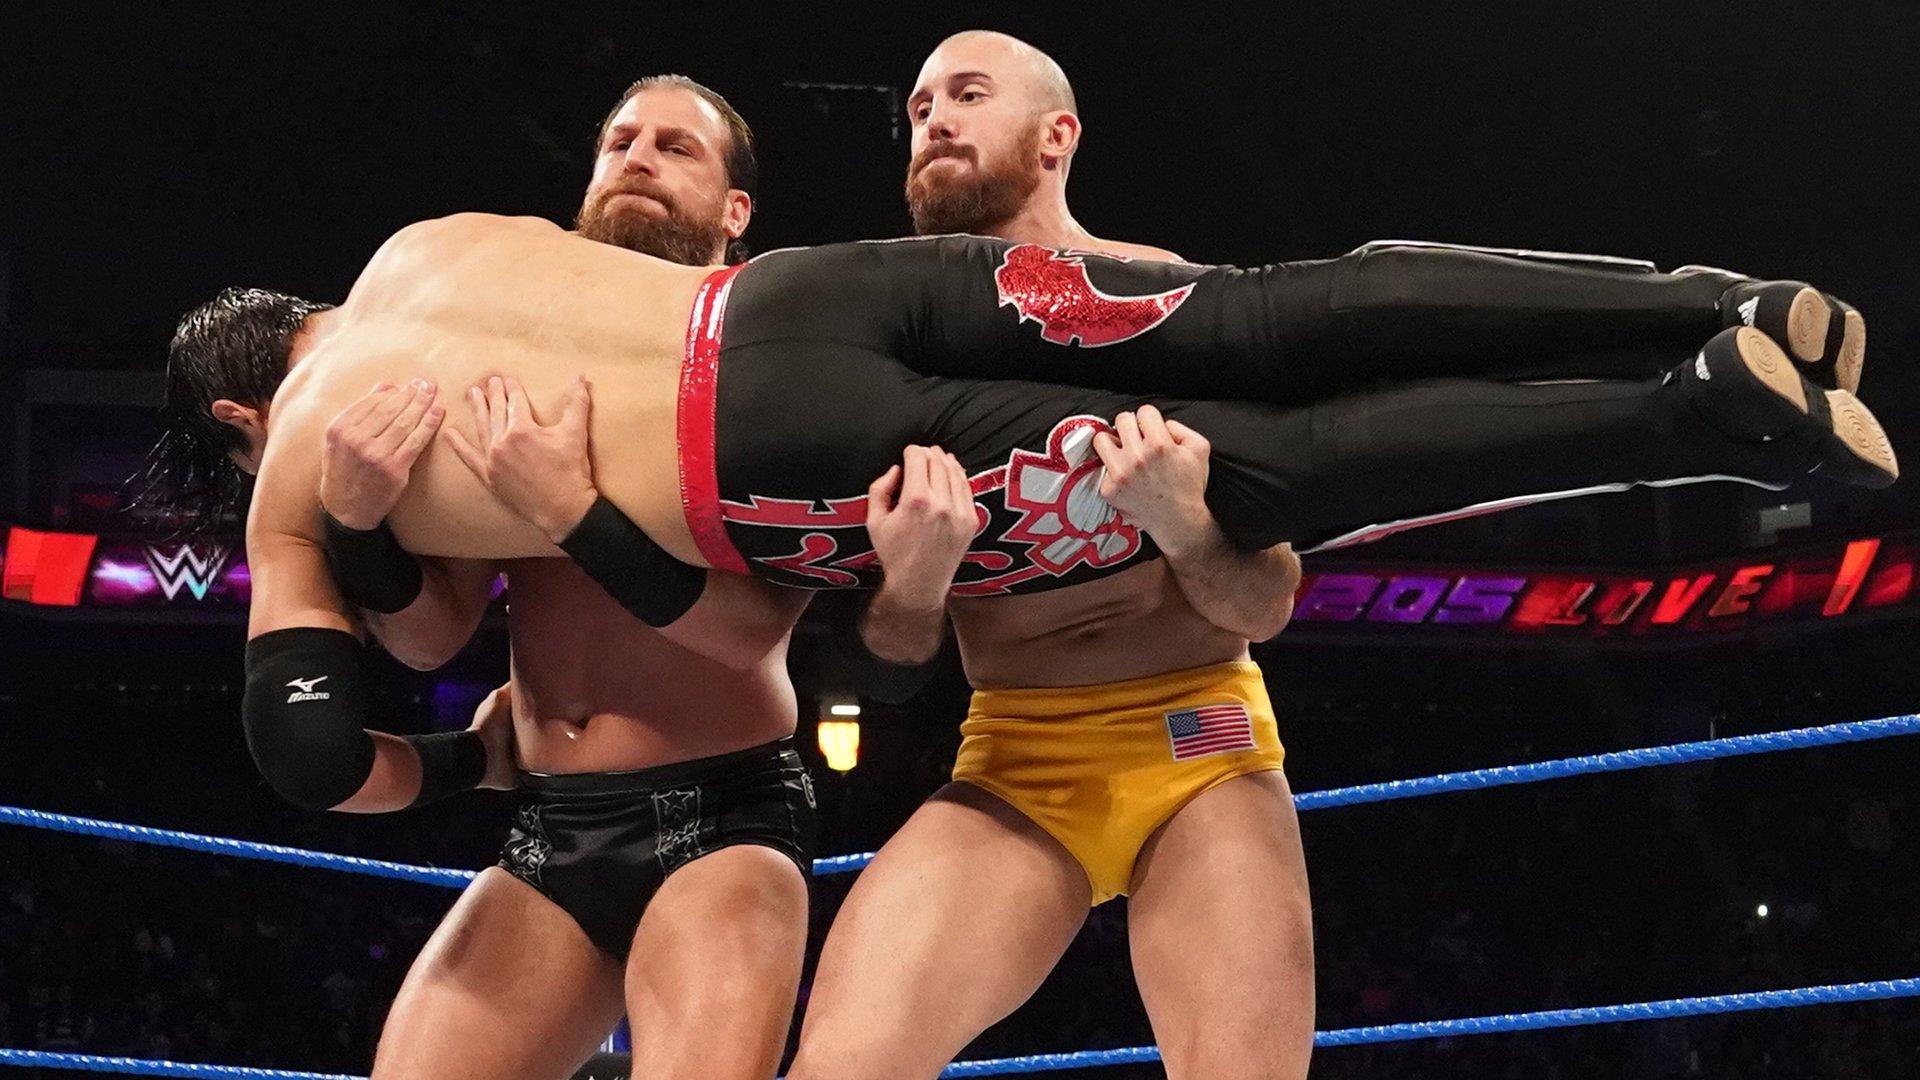 Akira Tozawa vs. Humberto Carrillo vs. Oney Lorcan vs. Drew Gulak: WWE 205 Live, 11 Juin 2019